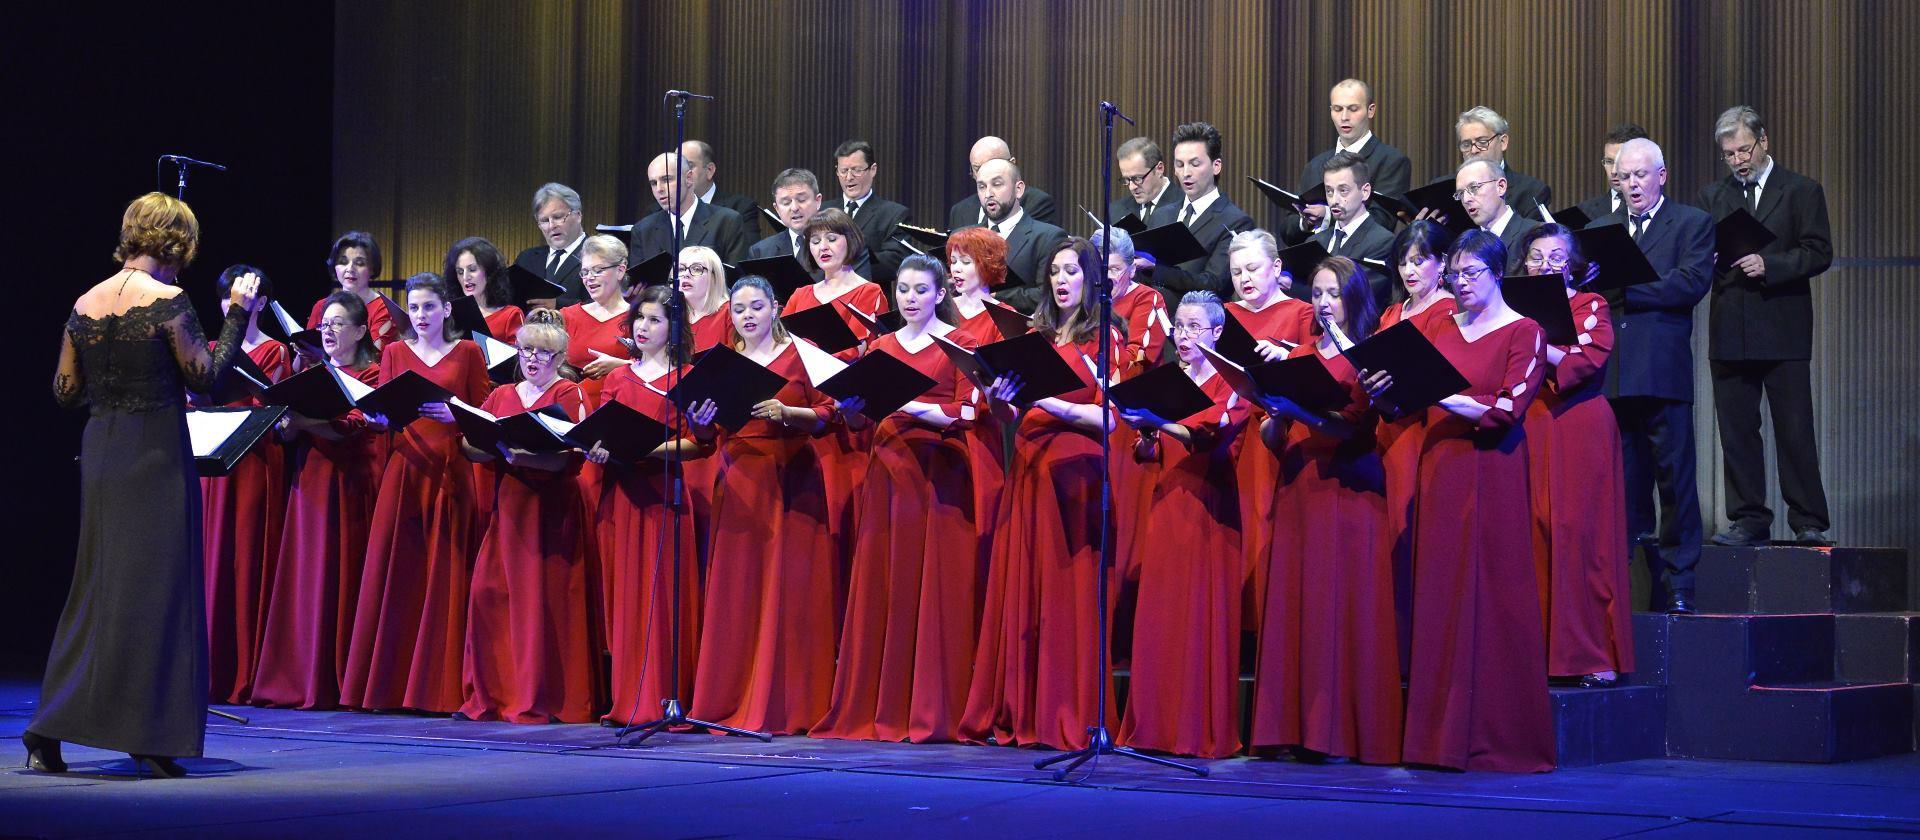 Božićni koncert u HNK Ivana pl. Zajca u srijedu 20. i četvrtak 21. prosinca